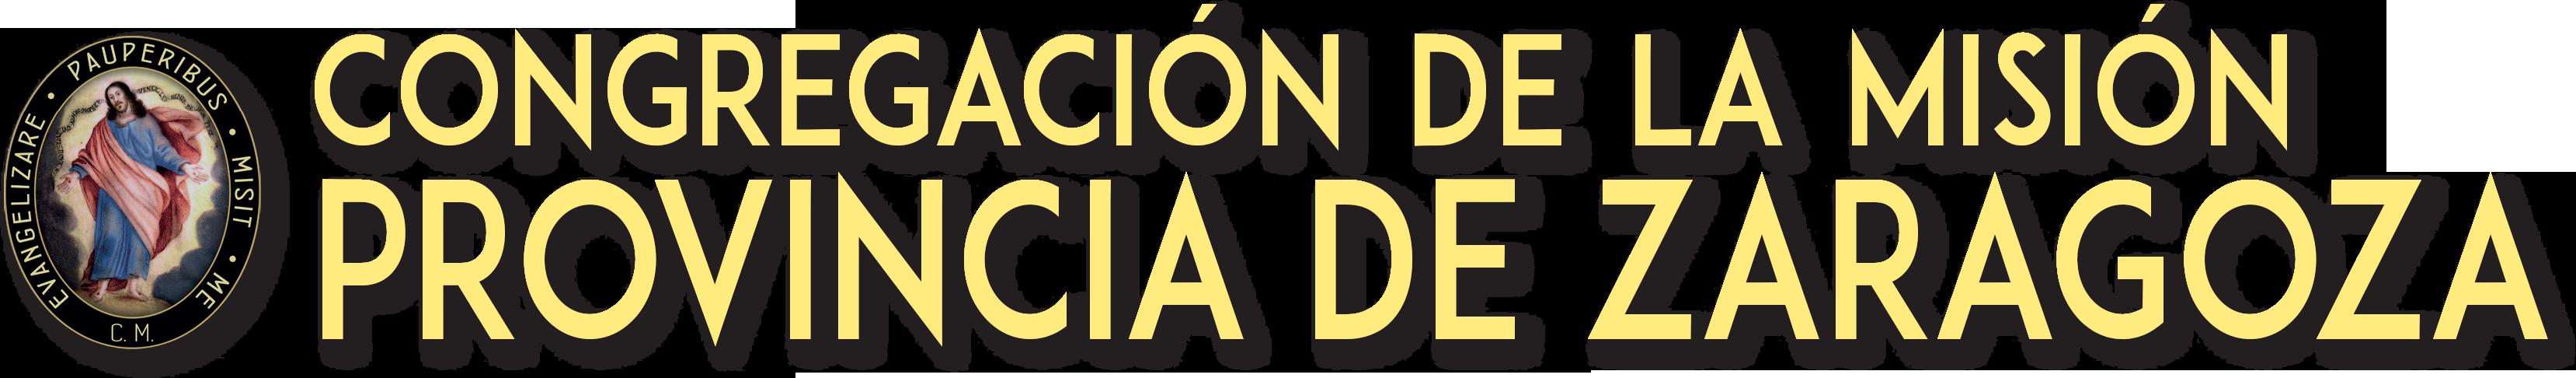 Congregación de la Misión, Provincia Canónica de Zaragoza